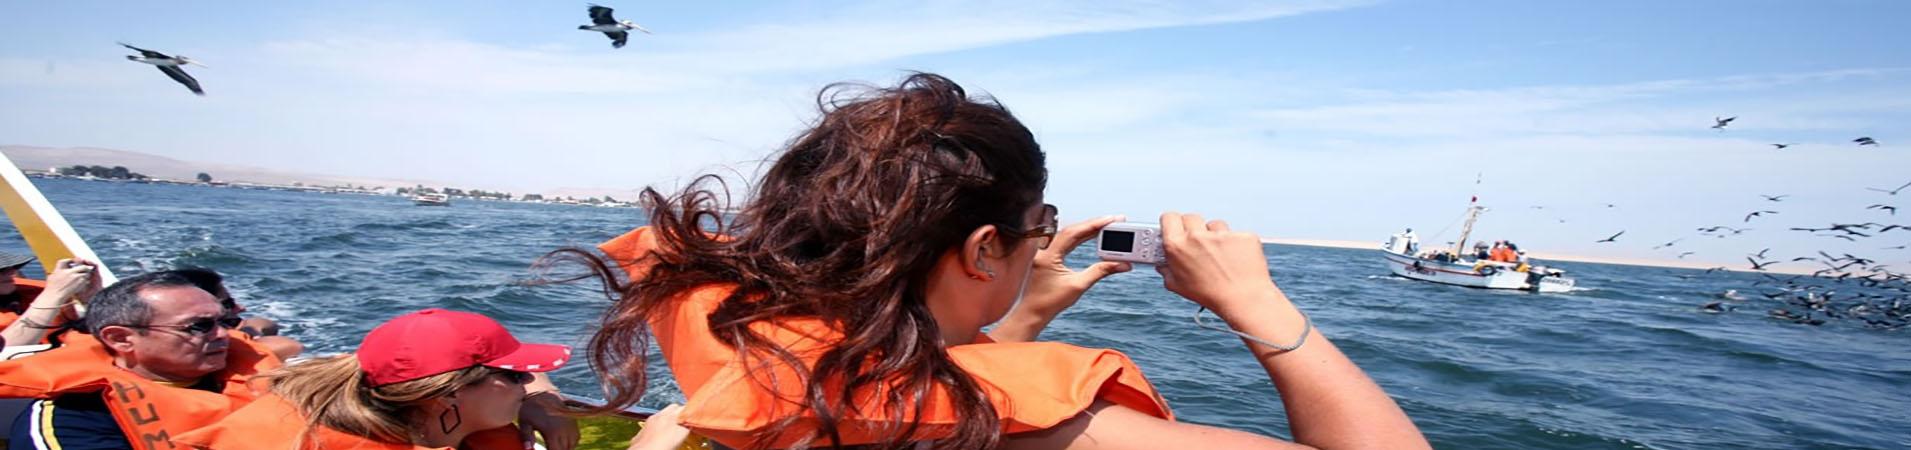 reserva nacional paracas inca travel agency qori inka